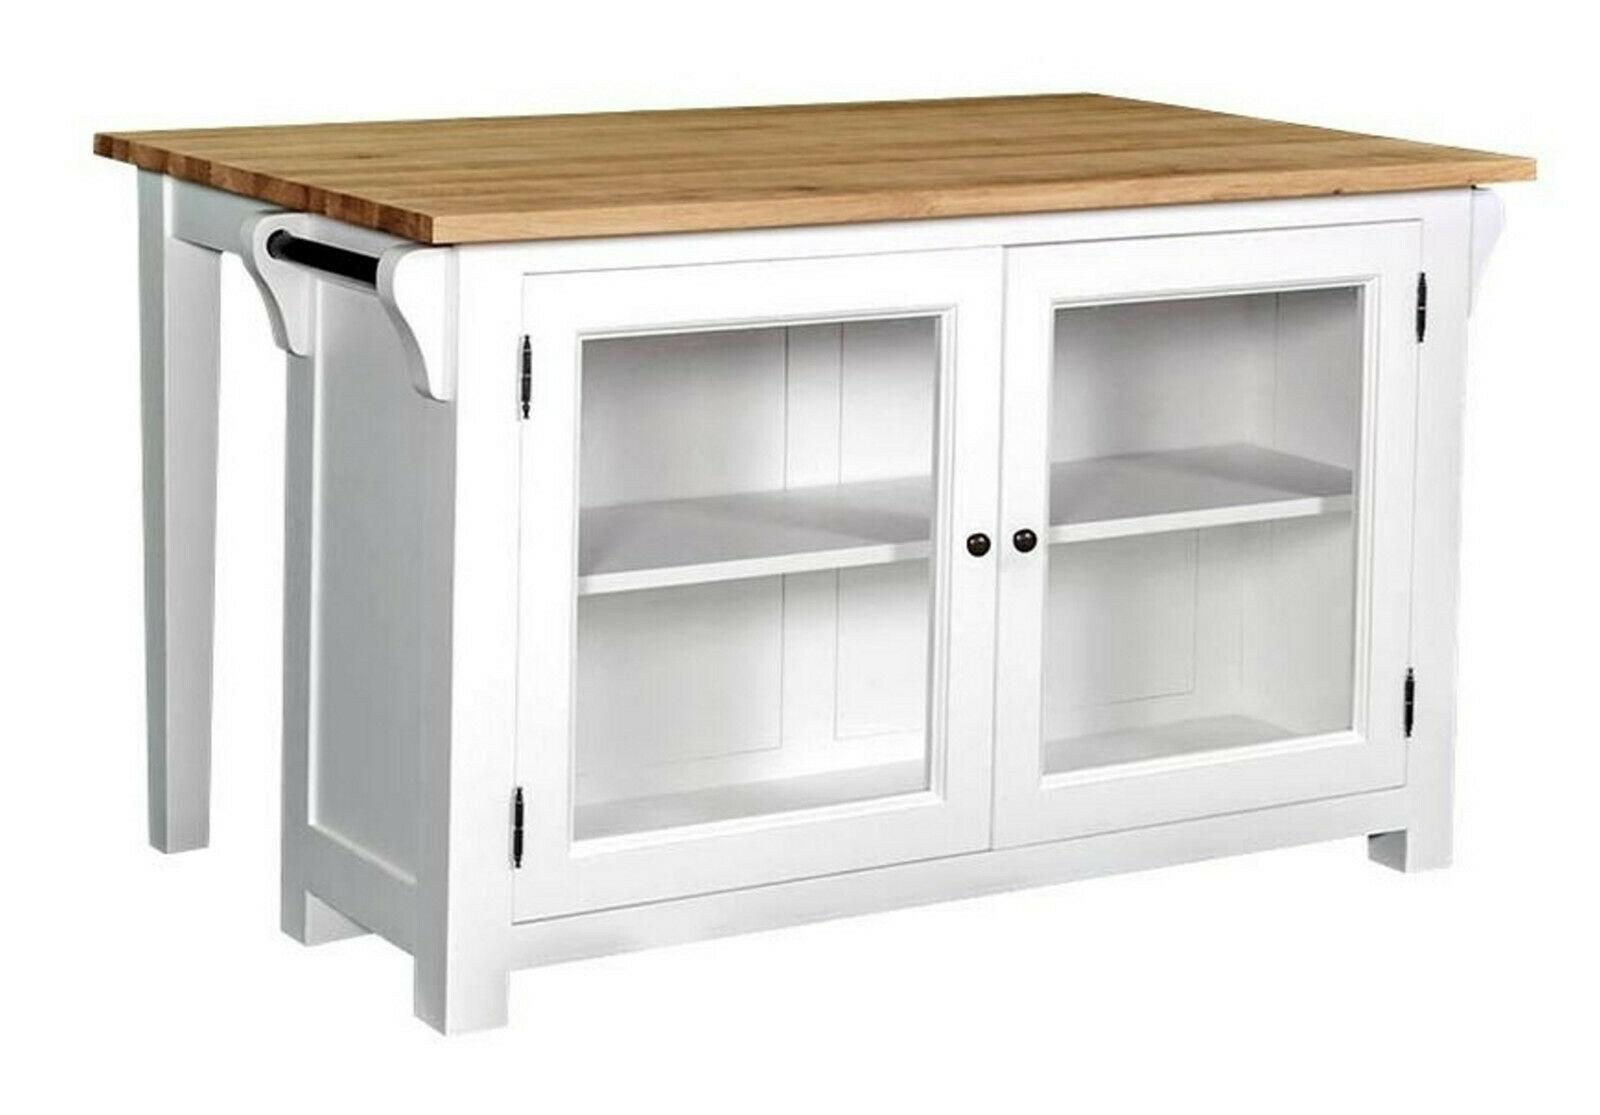 Kücheninsel Tisch Arbeitstisch Werktisch Landhaus Schreinerqualität